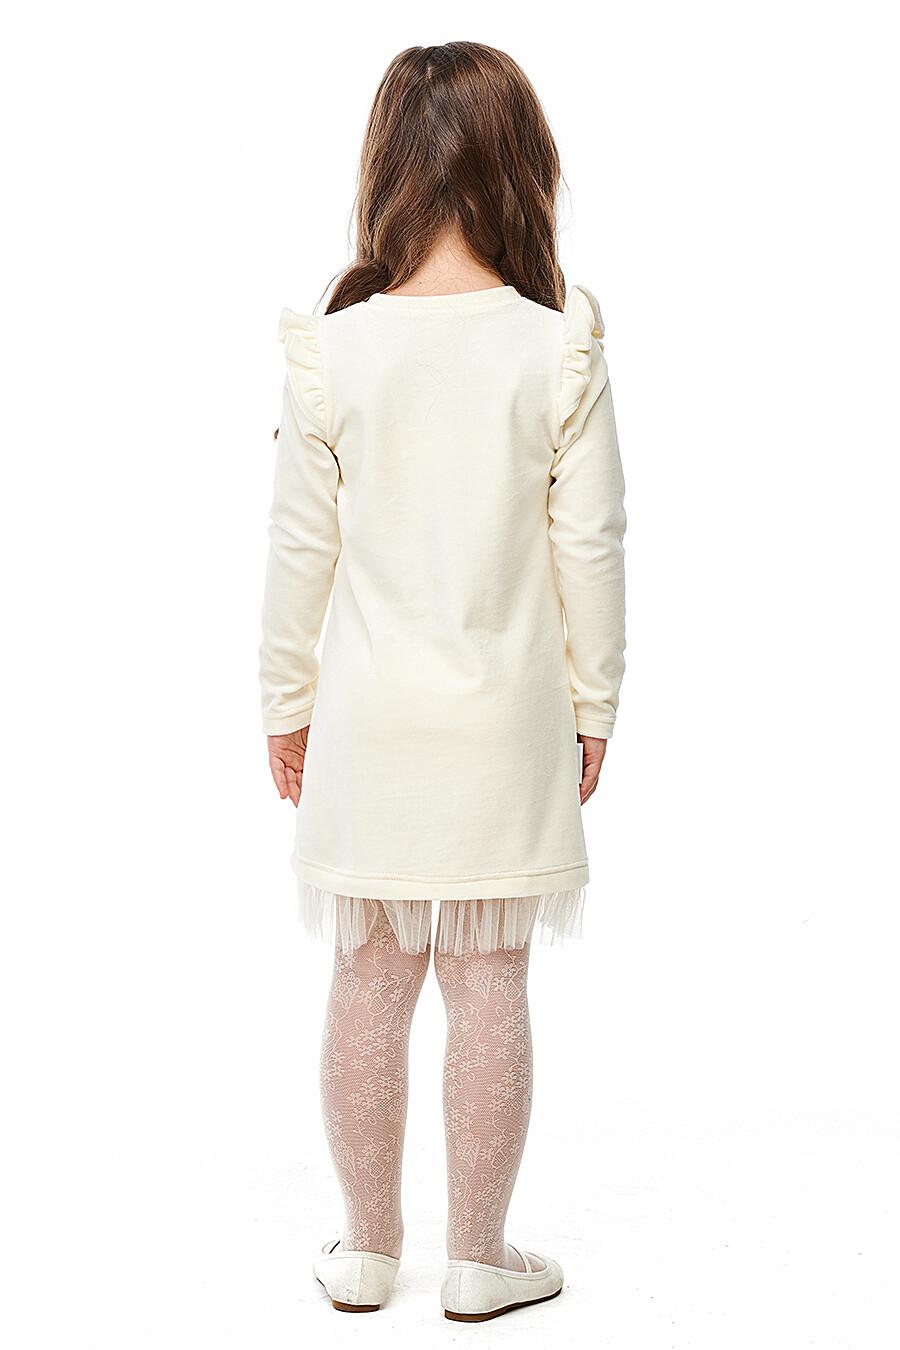 Платье для девочек LUCKY CHILD 184758 купить оптом от производителя. Совместная покупка детской одежды в OptMoyo